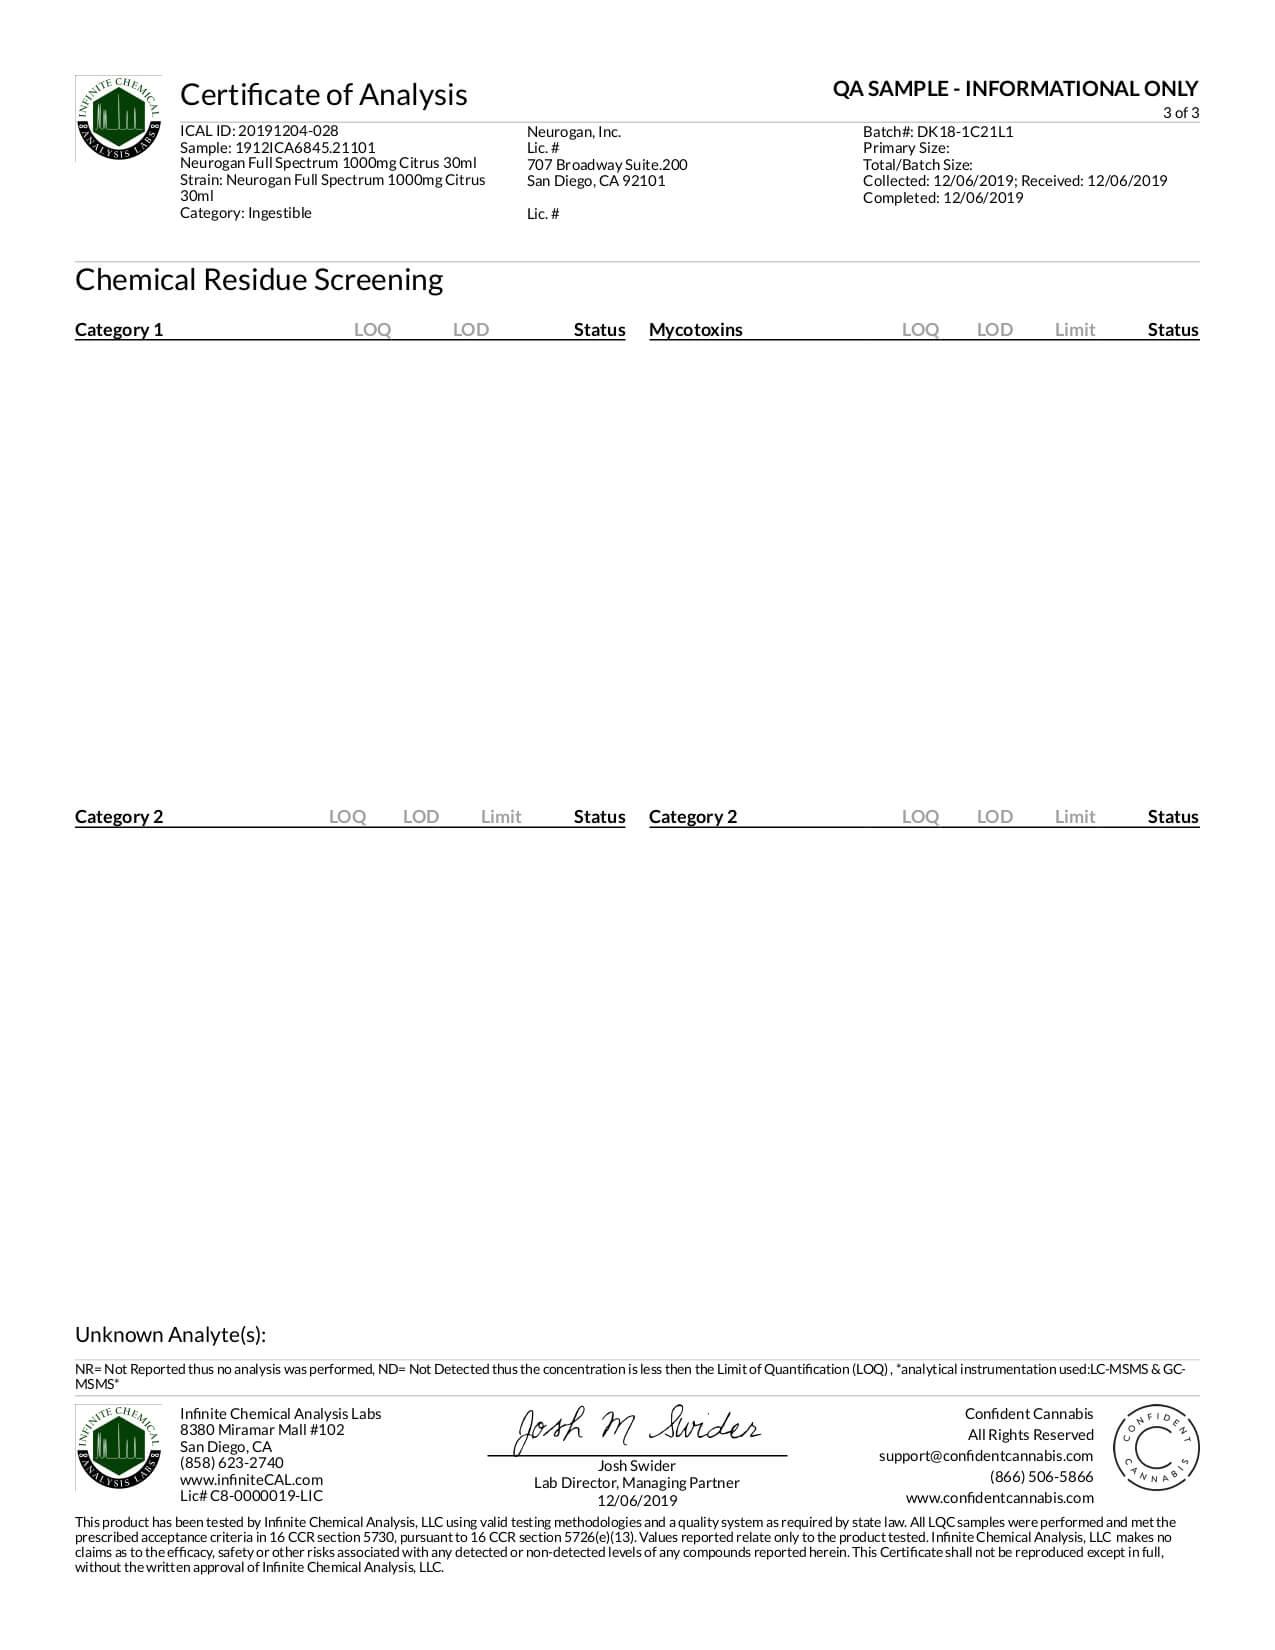 Neurogan, Inc. CBD Tincture Full Spectrum Citrus 1000mg Lab Report